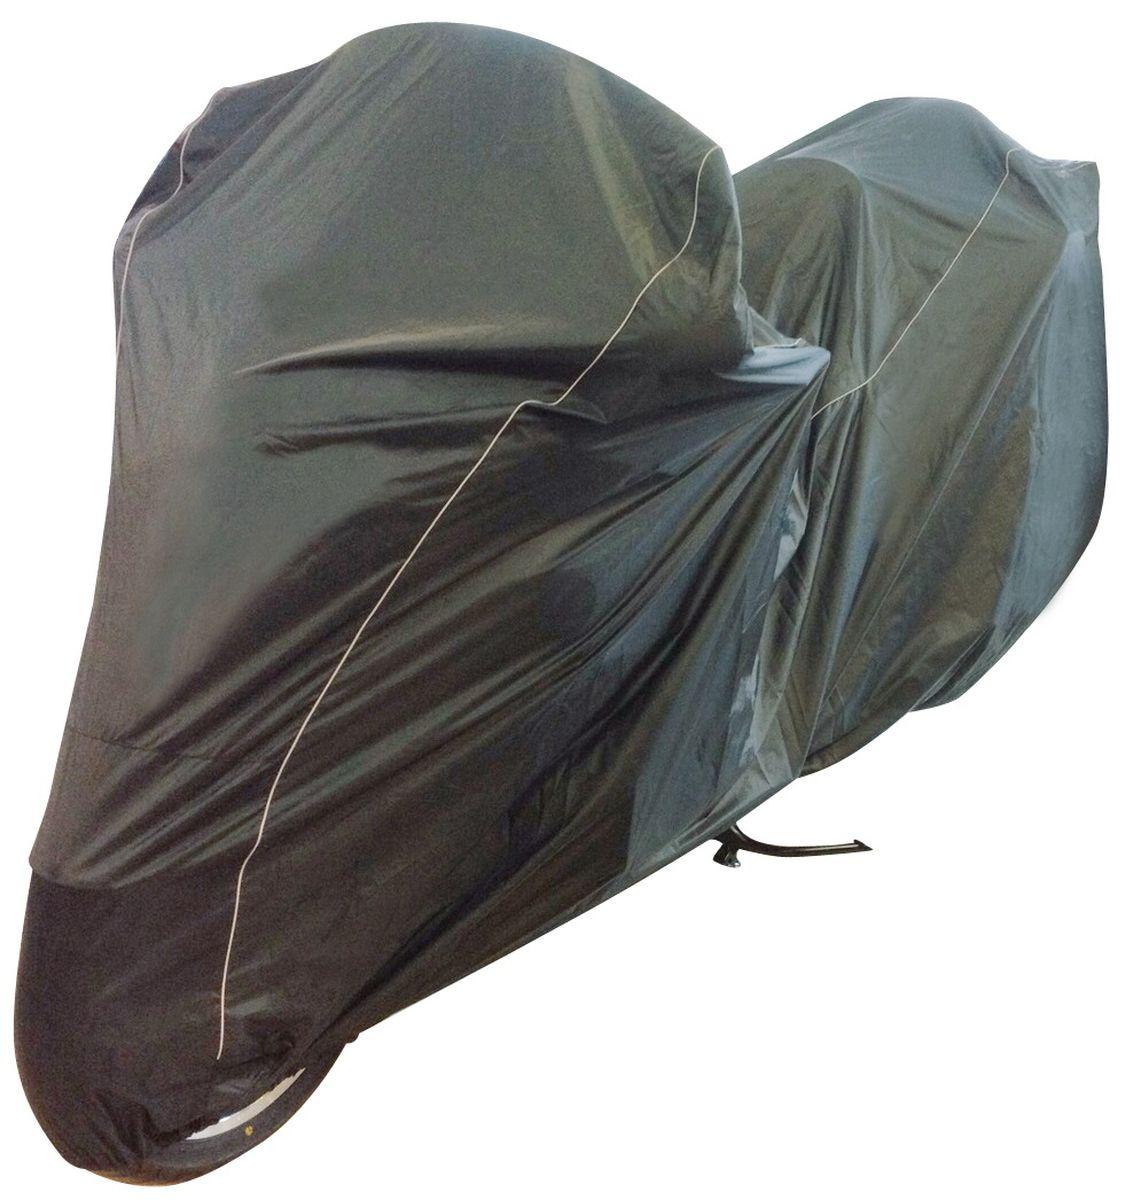 Чехол для мотоцикла Starks Luxury TourerЛЦ0026Водостойкий чехол Starks Luxury Tourer выполнен из прочного полиэстера. Имеется светоотражающий кант, обеспечивающий безопасности в темное время суток. Изделие выдерживает температуру до +200°С. Резинки по краям фиксируют чехол на колесе. Стропа посередине фиксирует по центру мотоцикла. Внутри чехол имеет блестящую поверхность. Не позволяет нагревать технику на солнце, отражает солнечные лучи. Отсутствует эффект термоса. В комплекте сумочка для транспортировки и хранения.